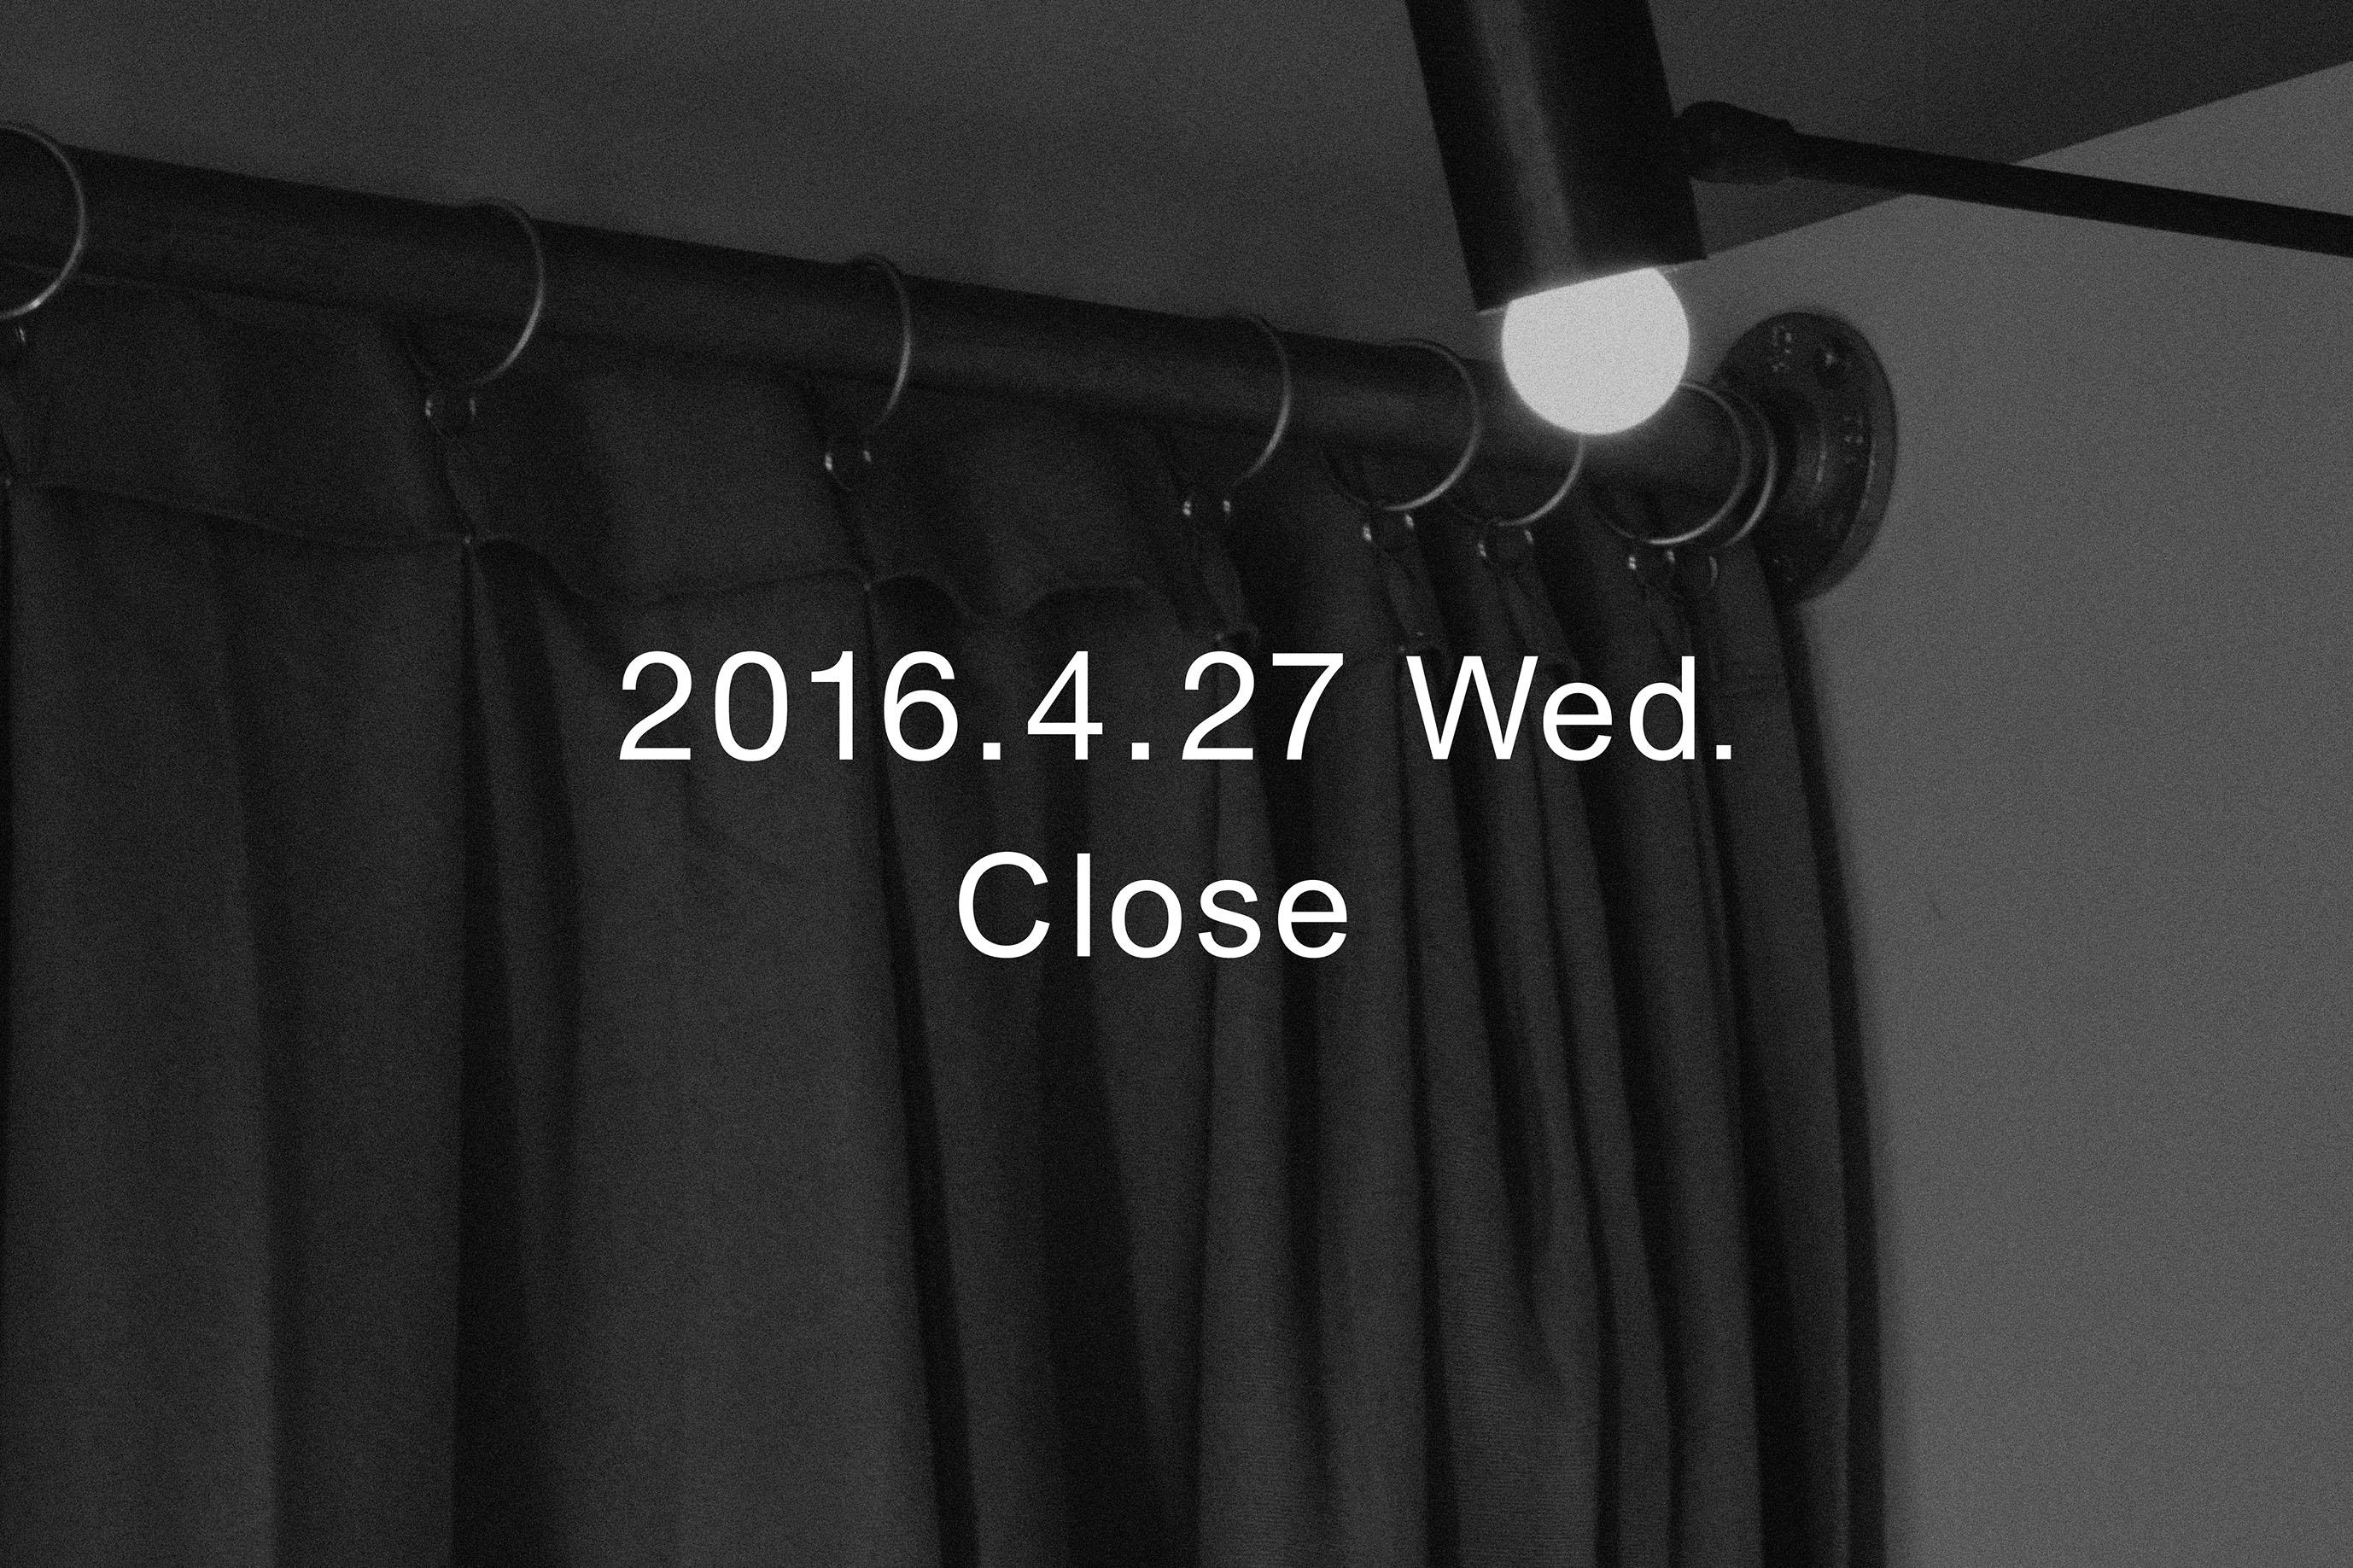 SS-Close_20160427